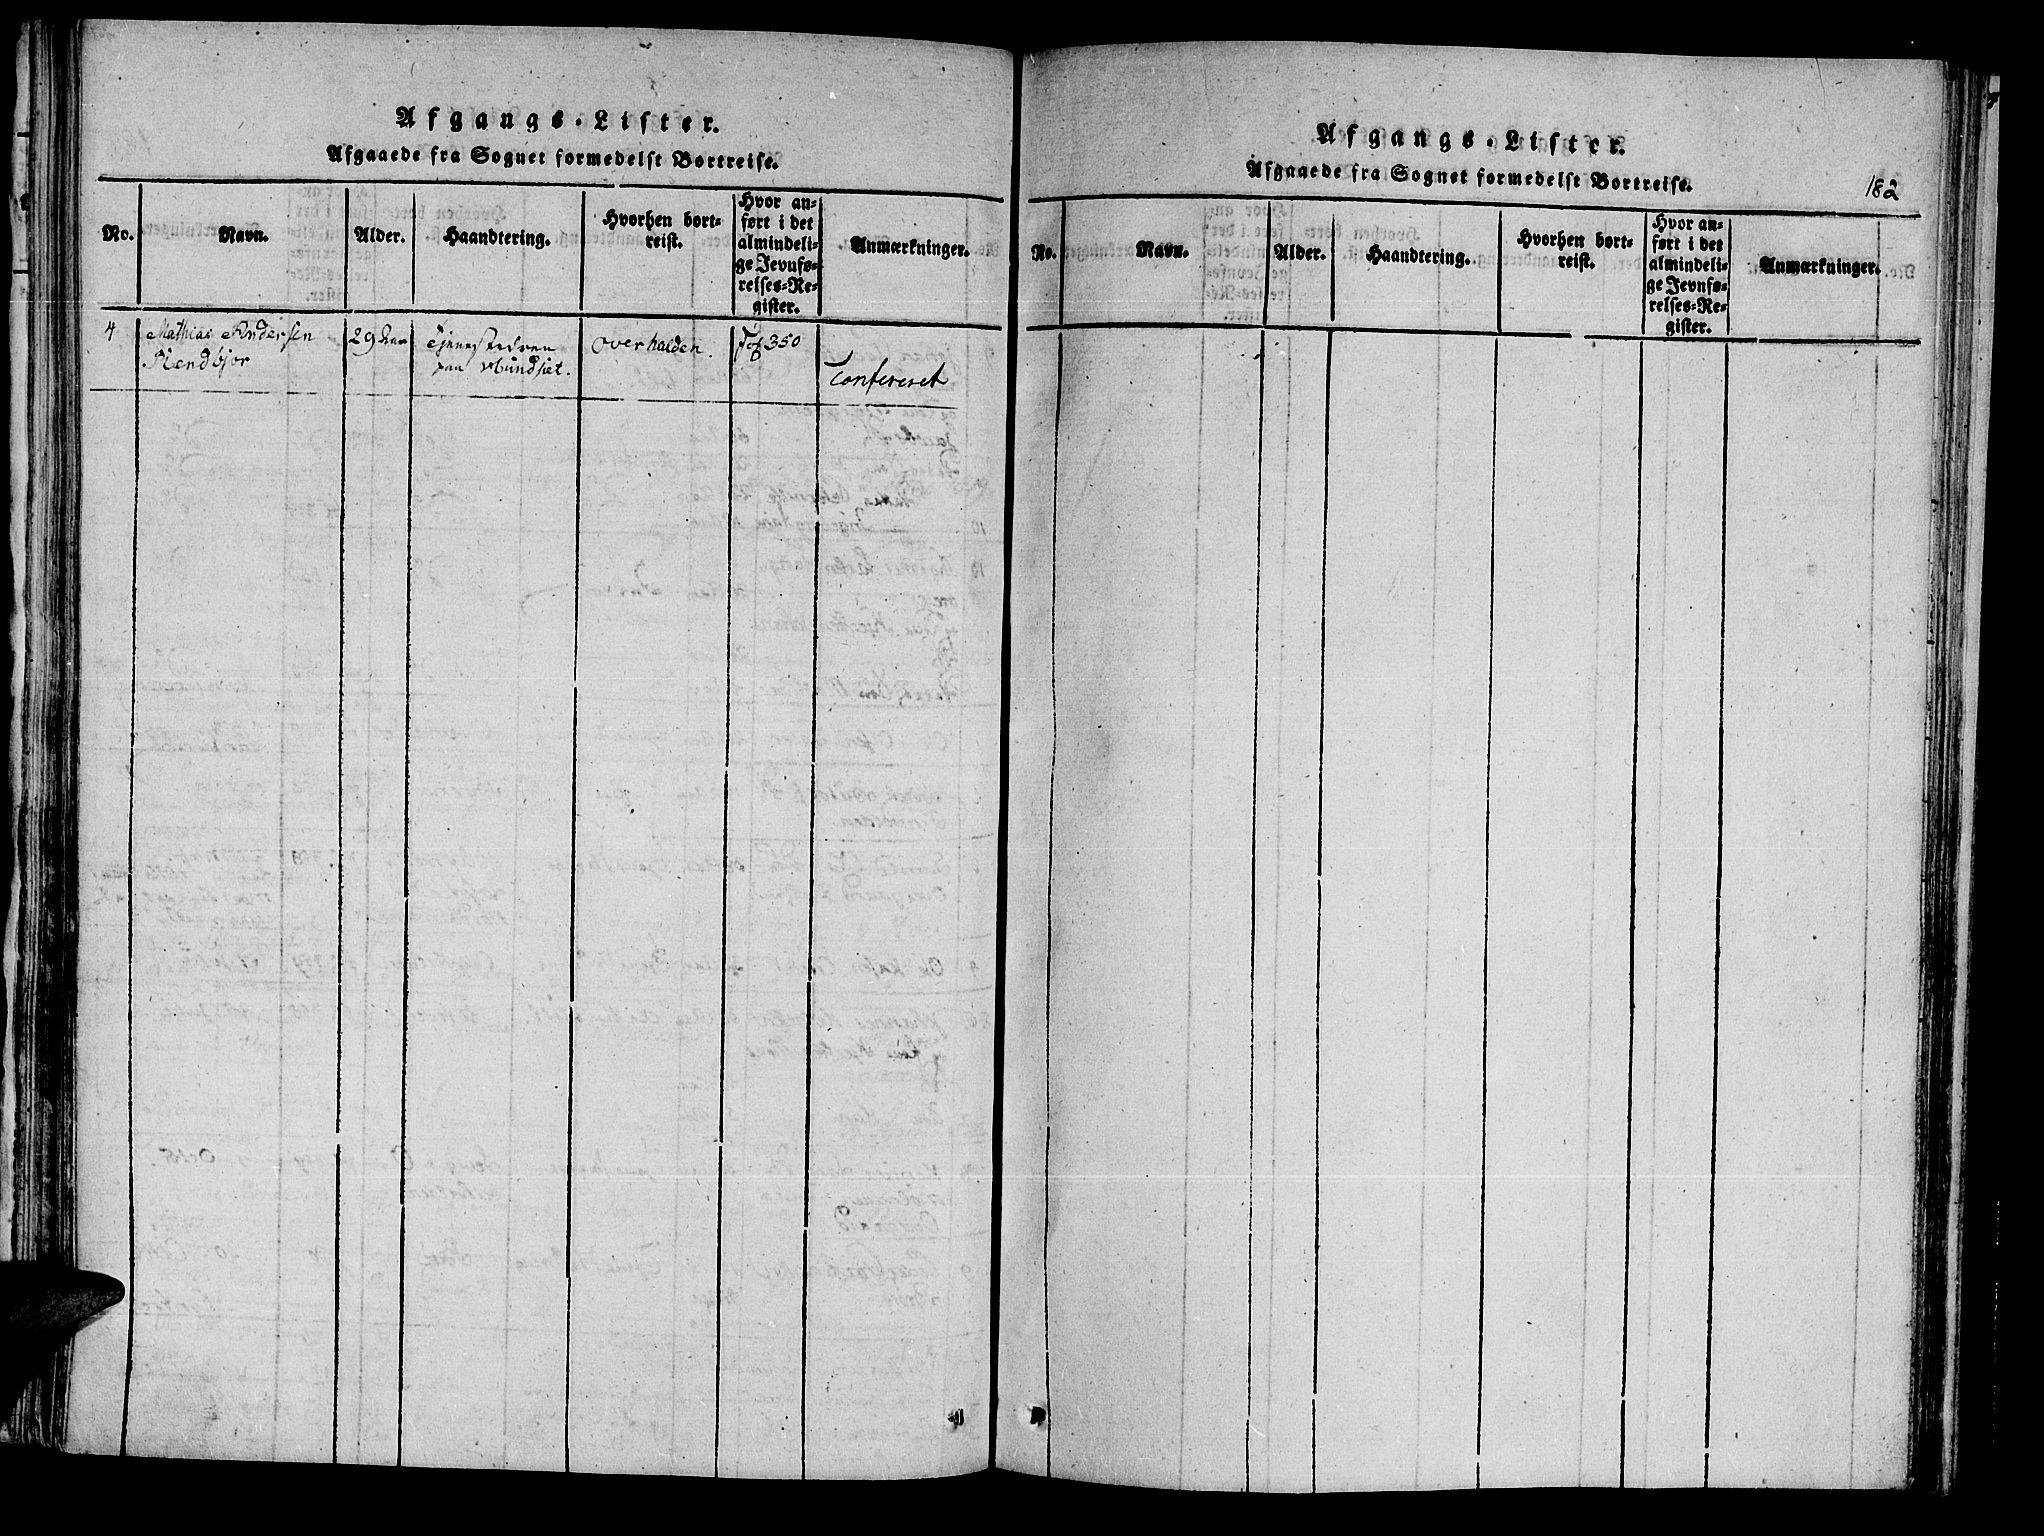 SAT, Ministerialprotokoller, klokkerbøker og fødselsregistre - Nord-Trøndelag, 741/L0387: Ministerialbok nr. 741A03 /3, 1817-1822, s. 182